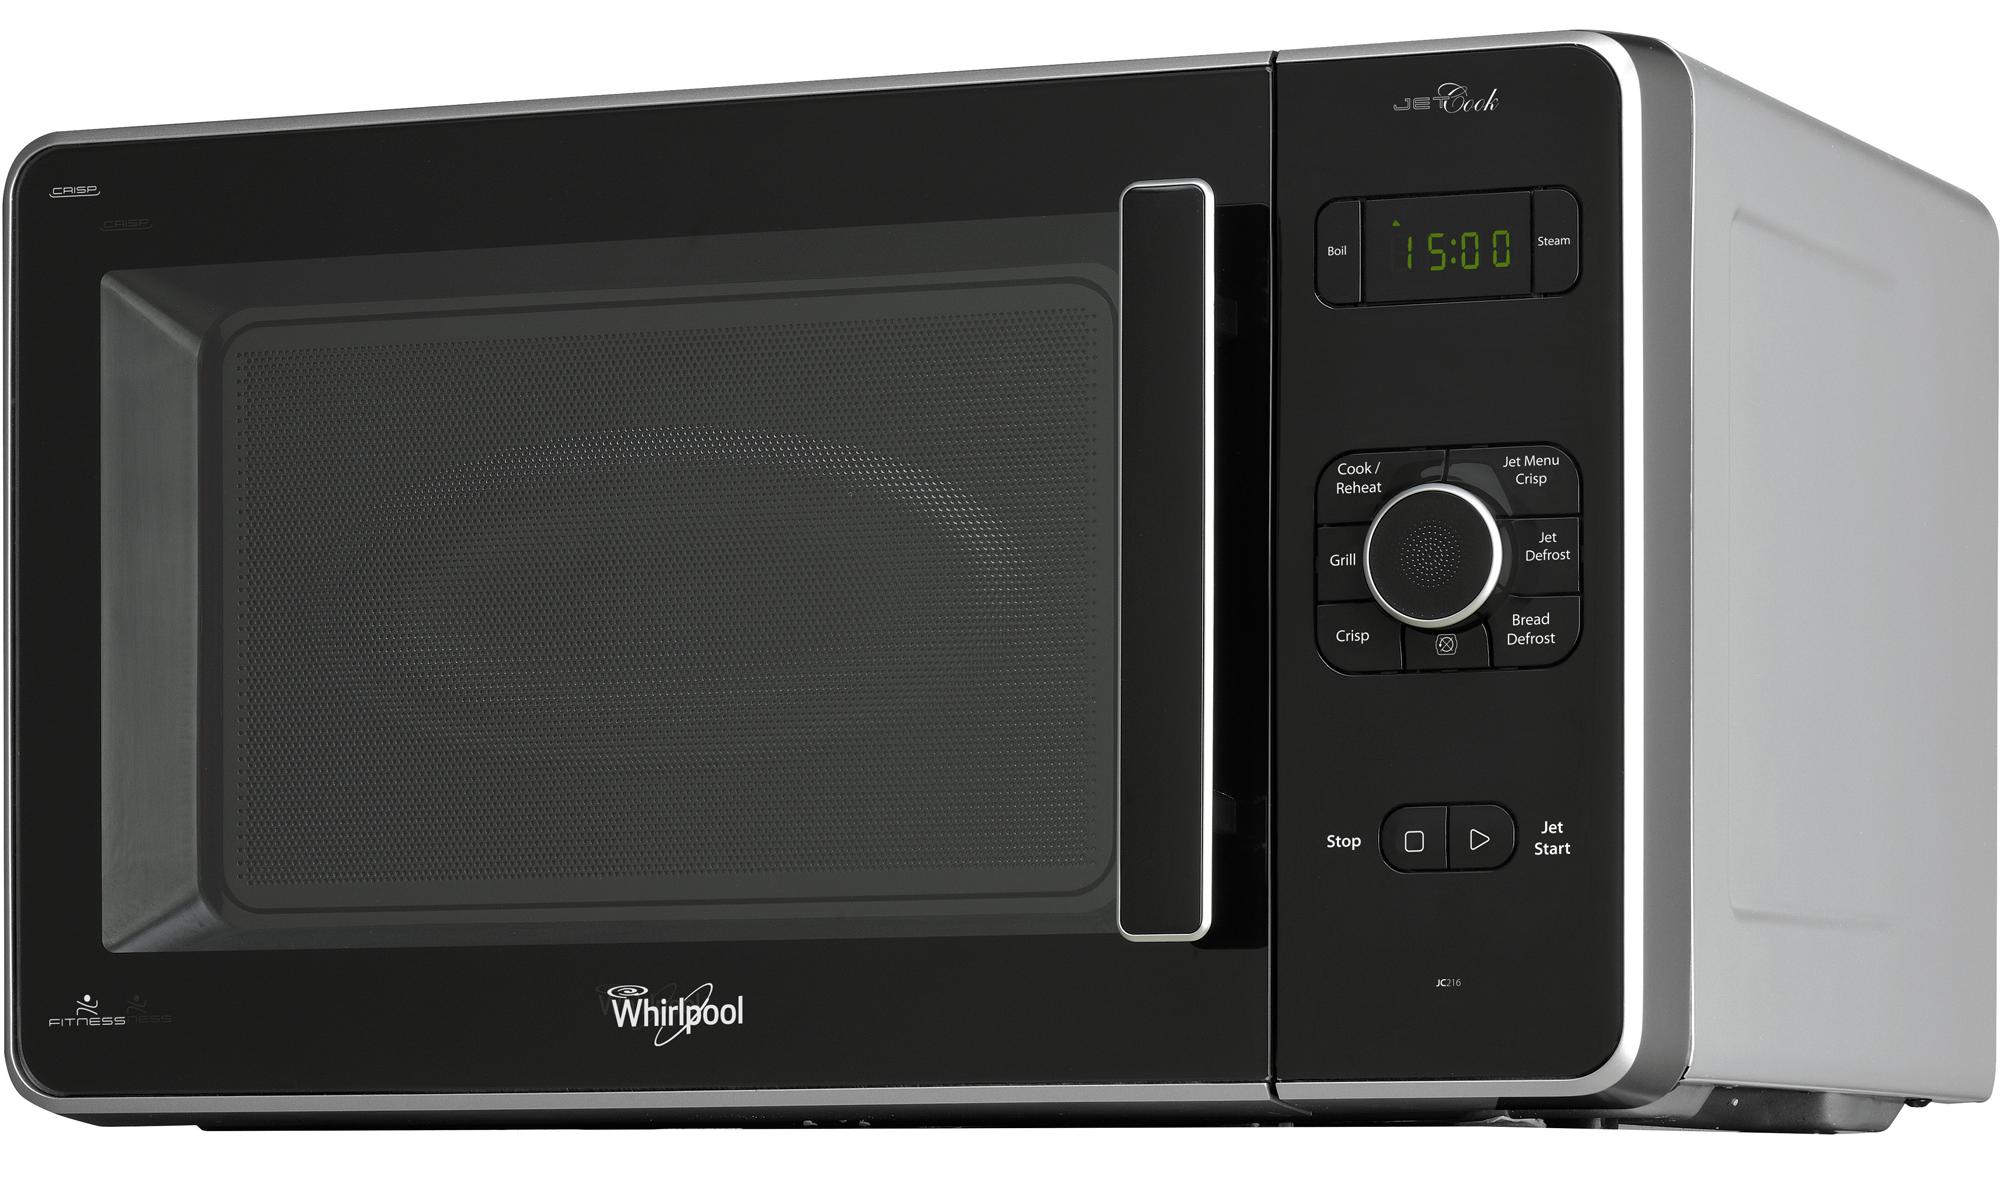 Whirlpool jc 216 sl qui trovate la recensione dei nostri esperti - Cucinare con microonde whirlpool ...